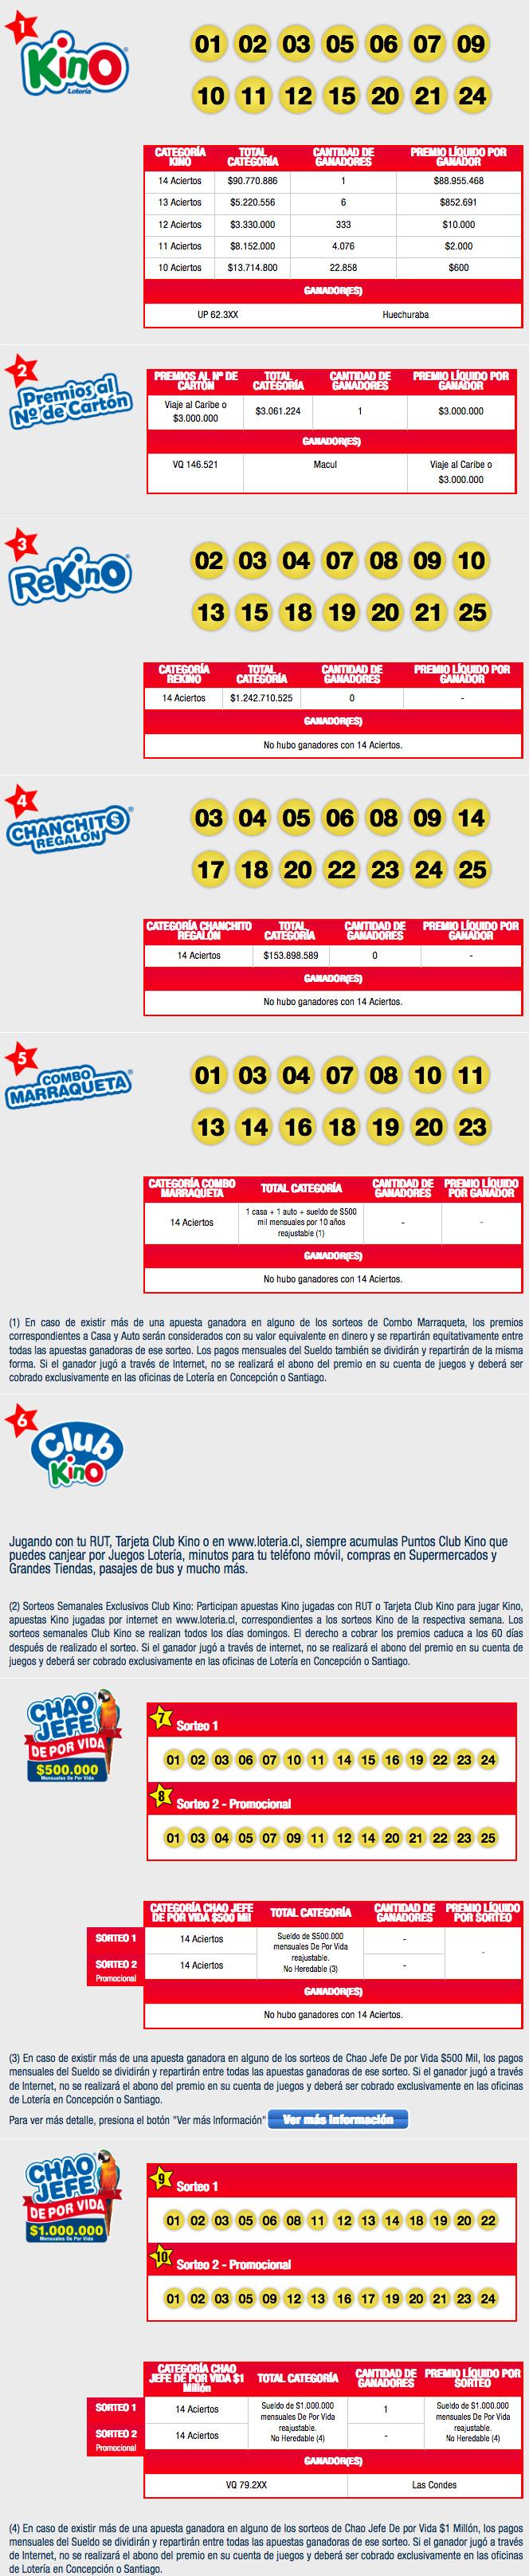 Resultados Kino Chile Sorteo 2094